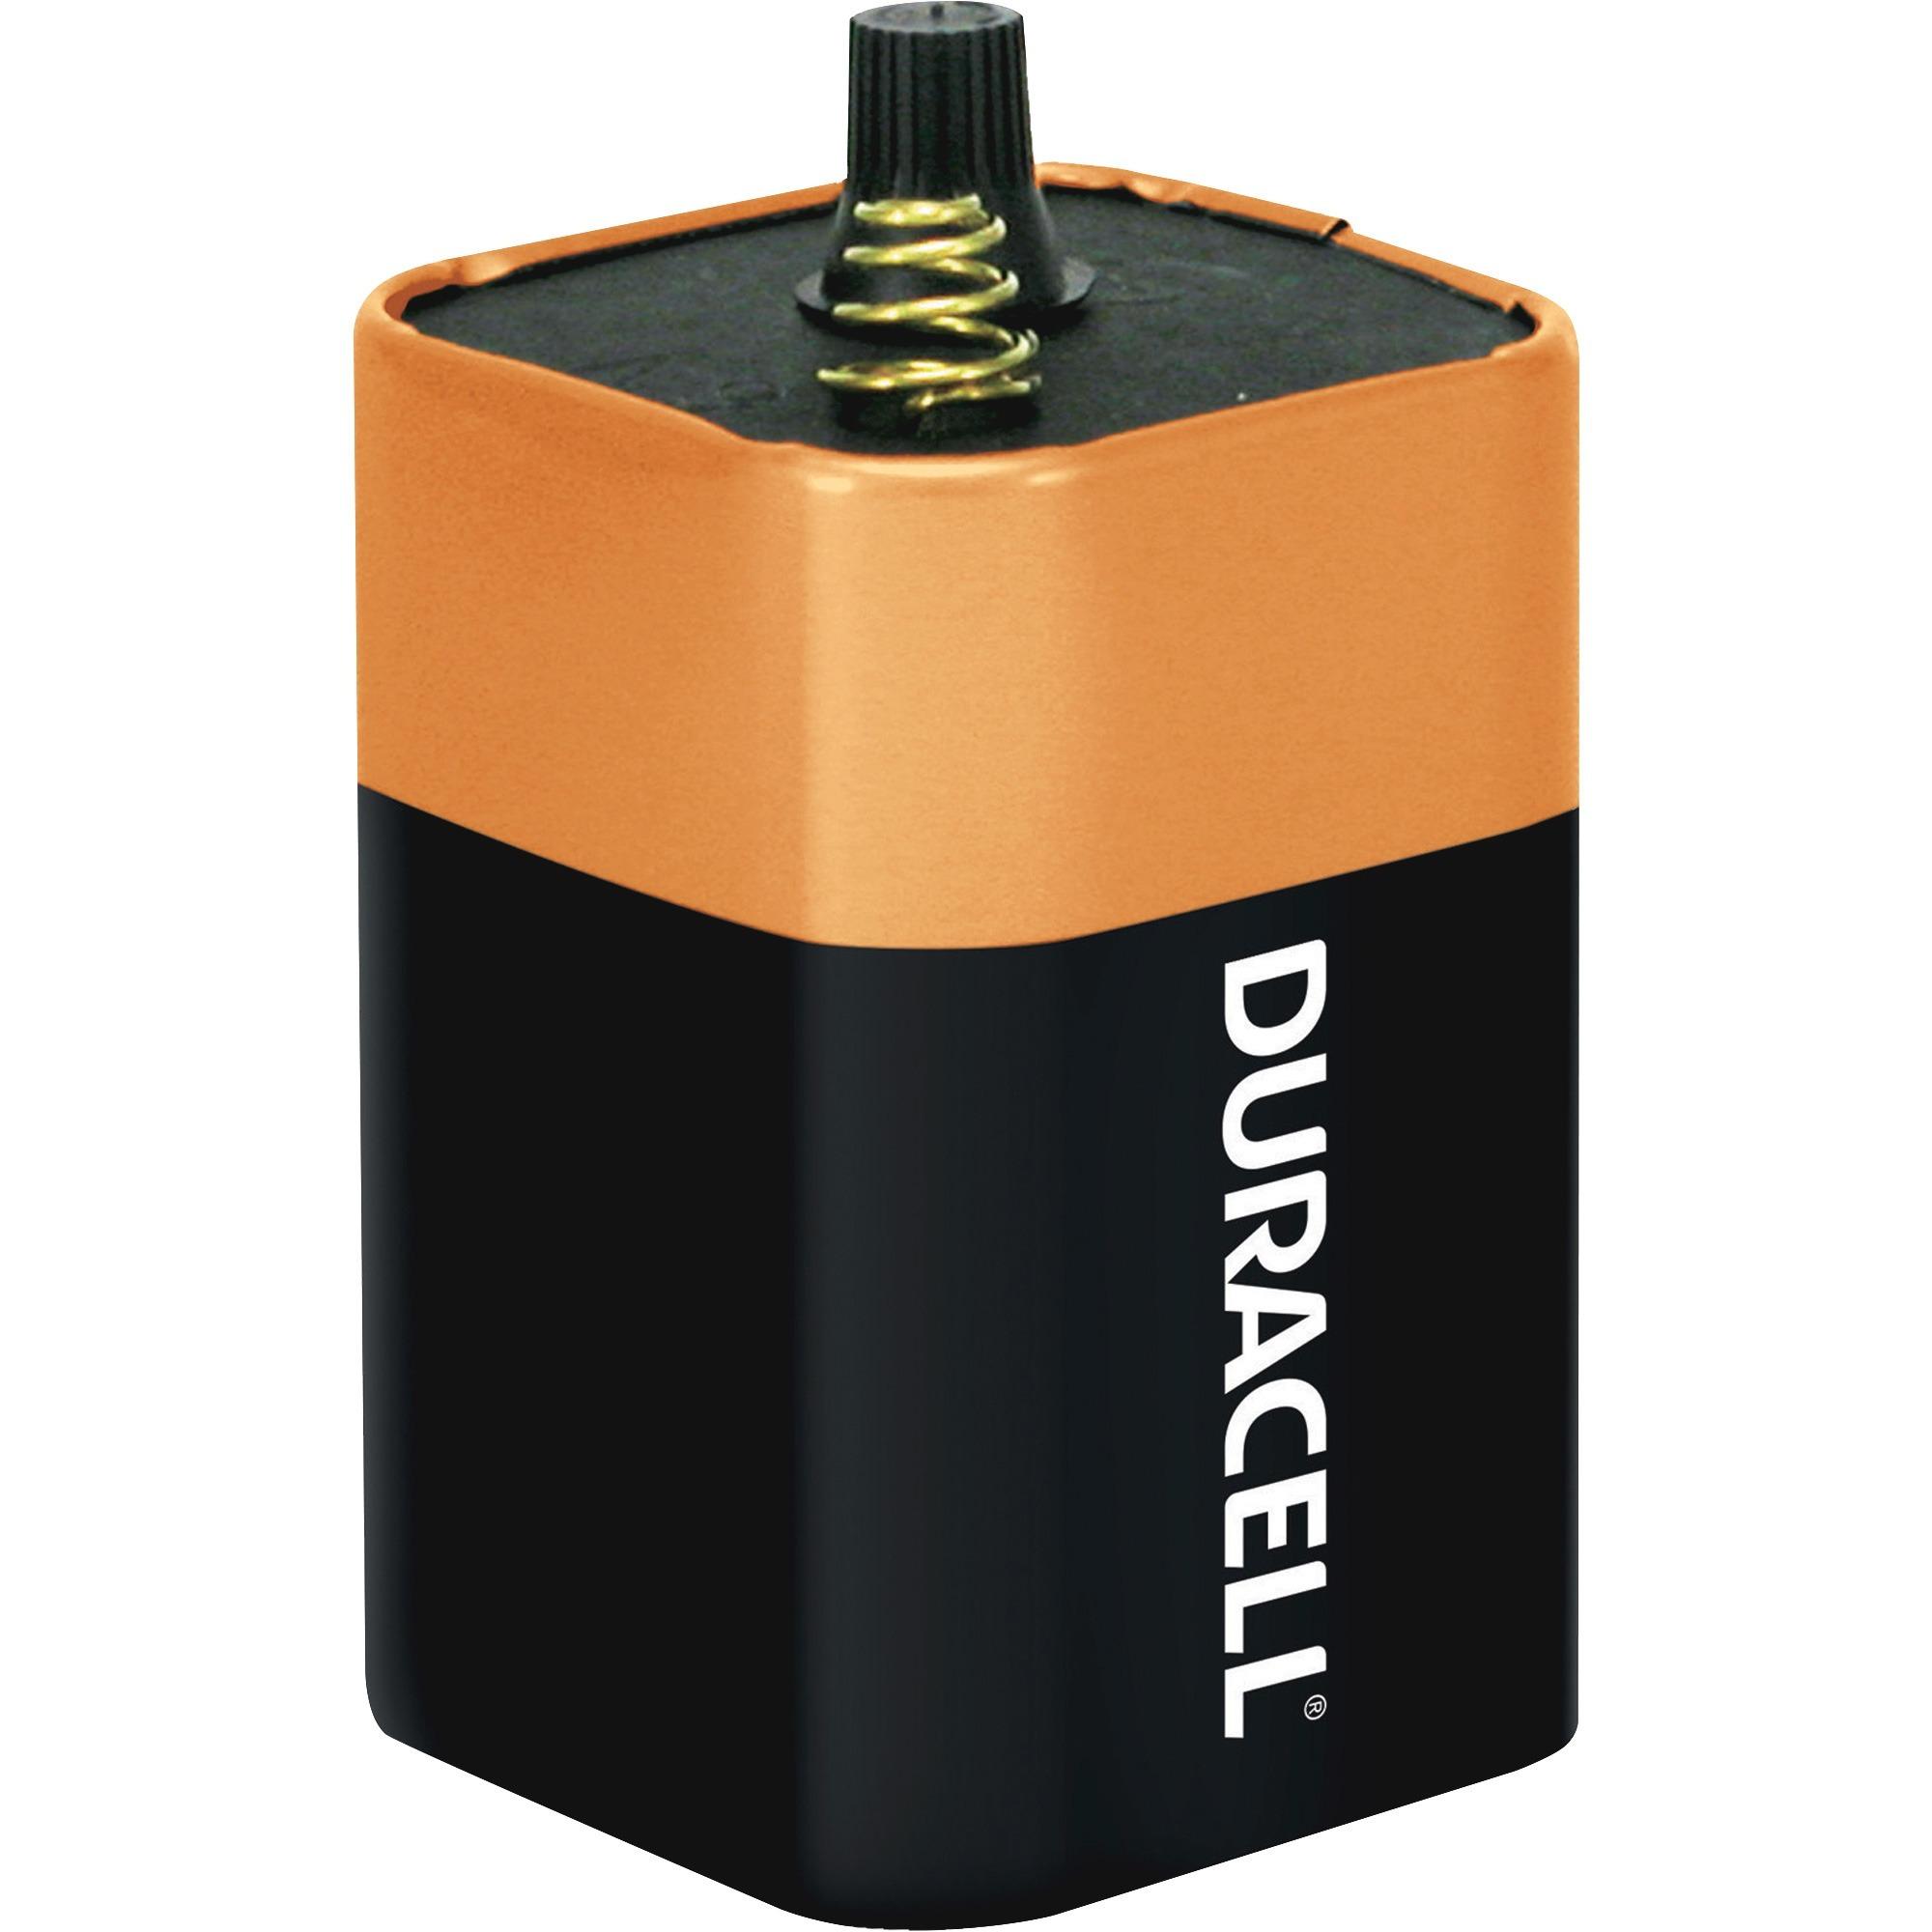 30 Pack Energizer Lantern Batteries Alkaline 6V 529 6 Volt Spring Flashlight